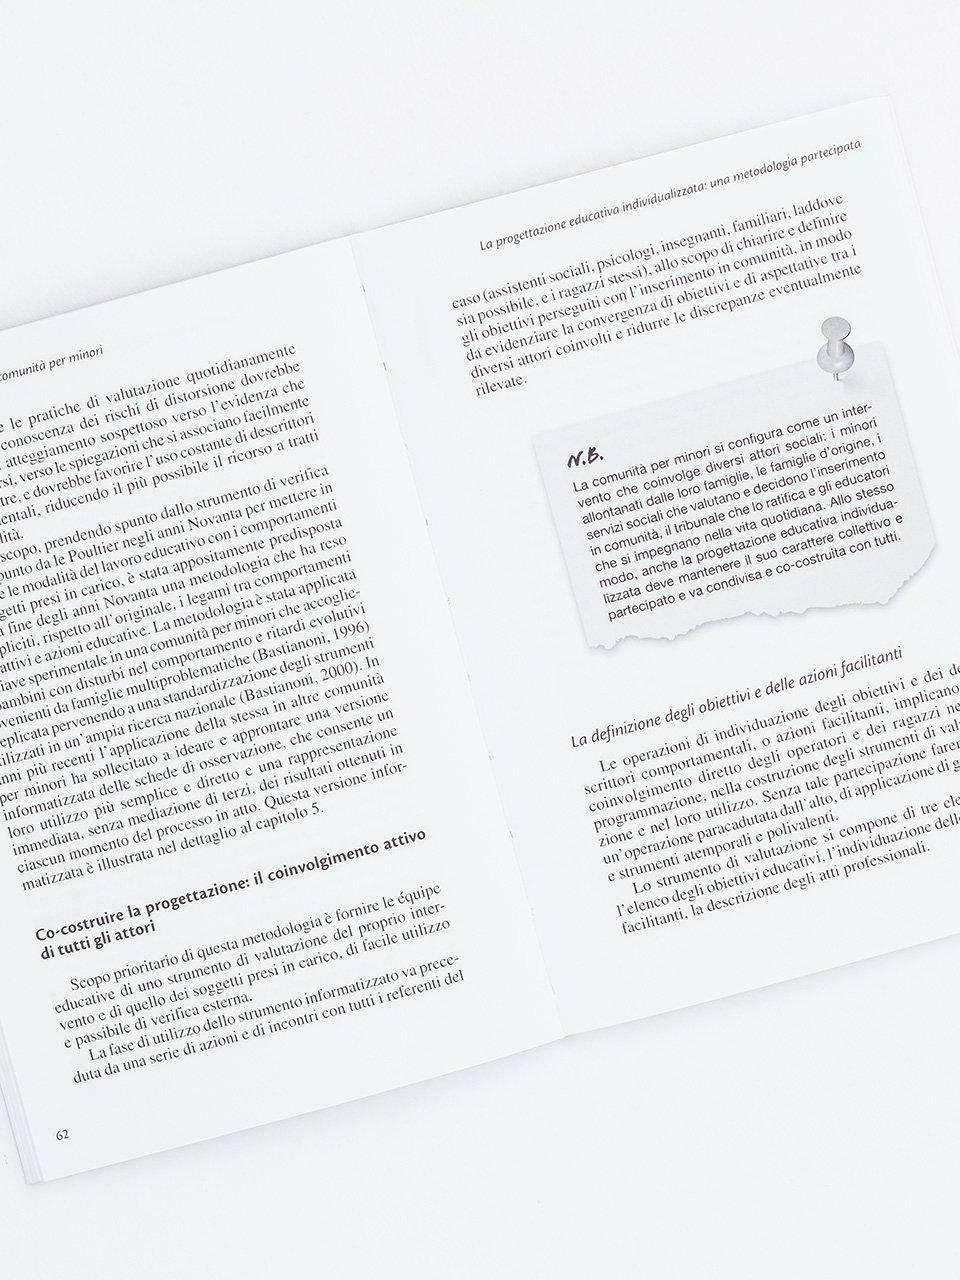 Il progetto educativo nelle comunità per minori - Libri - Erickson 2